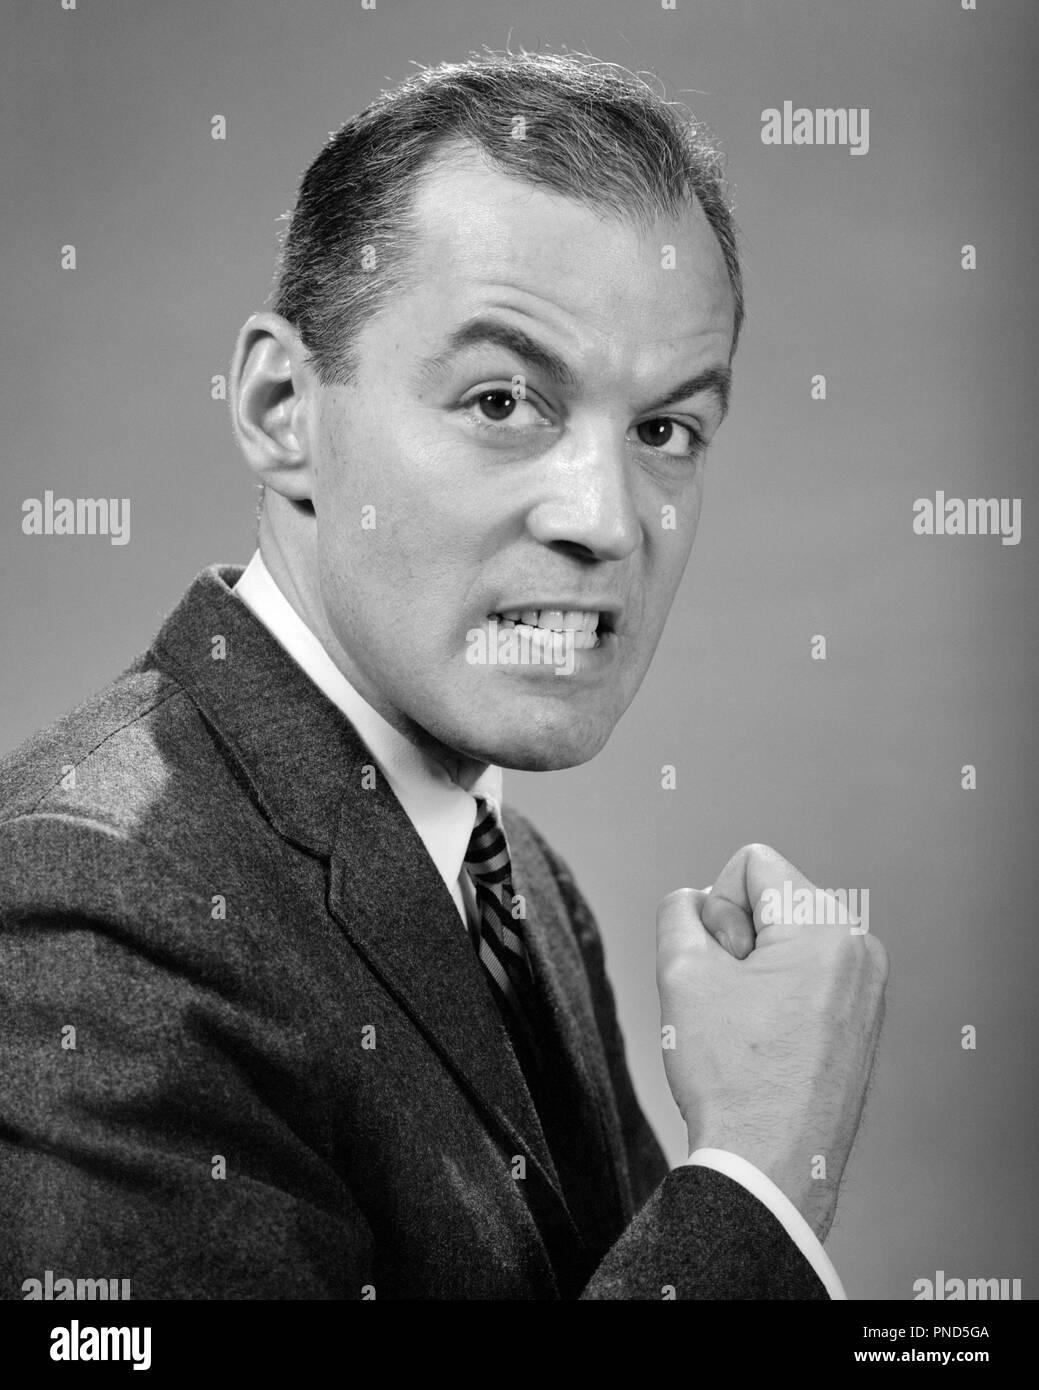 1950er Jahre 1960er wütend, wütend Geschäftsmann, FAUST AUF KAMERA - p1666 HAR 001 HARS MITTE ERWACHSENEN MANN RAGE AUGENBRAUEN SCHWARZ UND WEISS KAUKASISCHEN ETHNIE HAR 001 ALTMODISCH Stockfoto